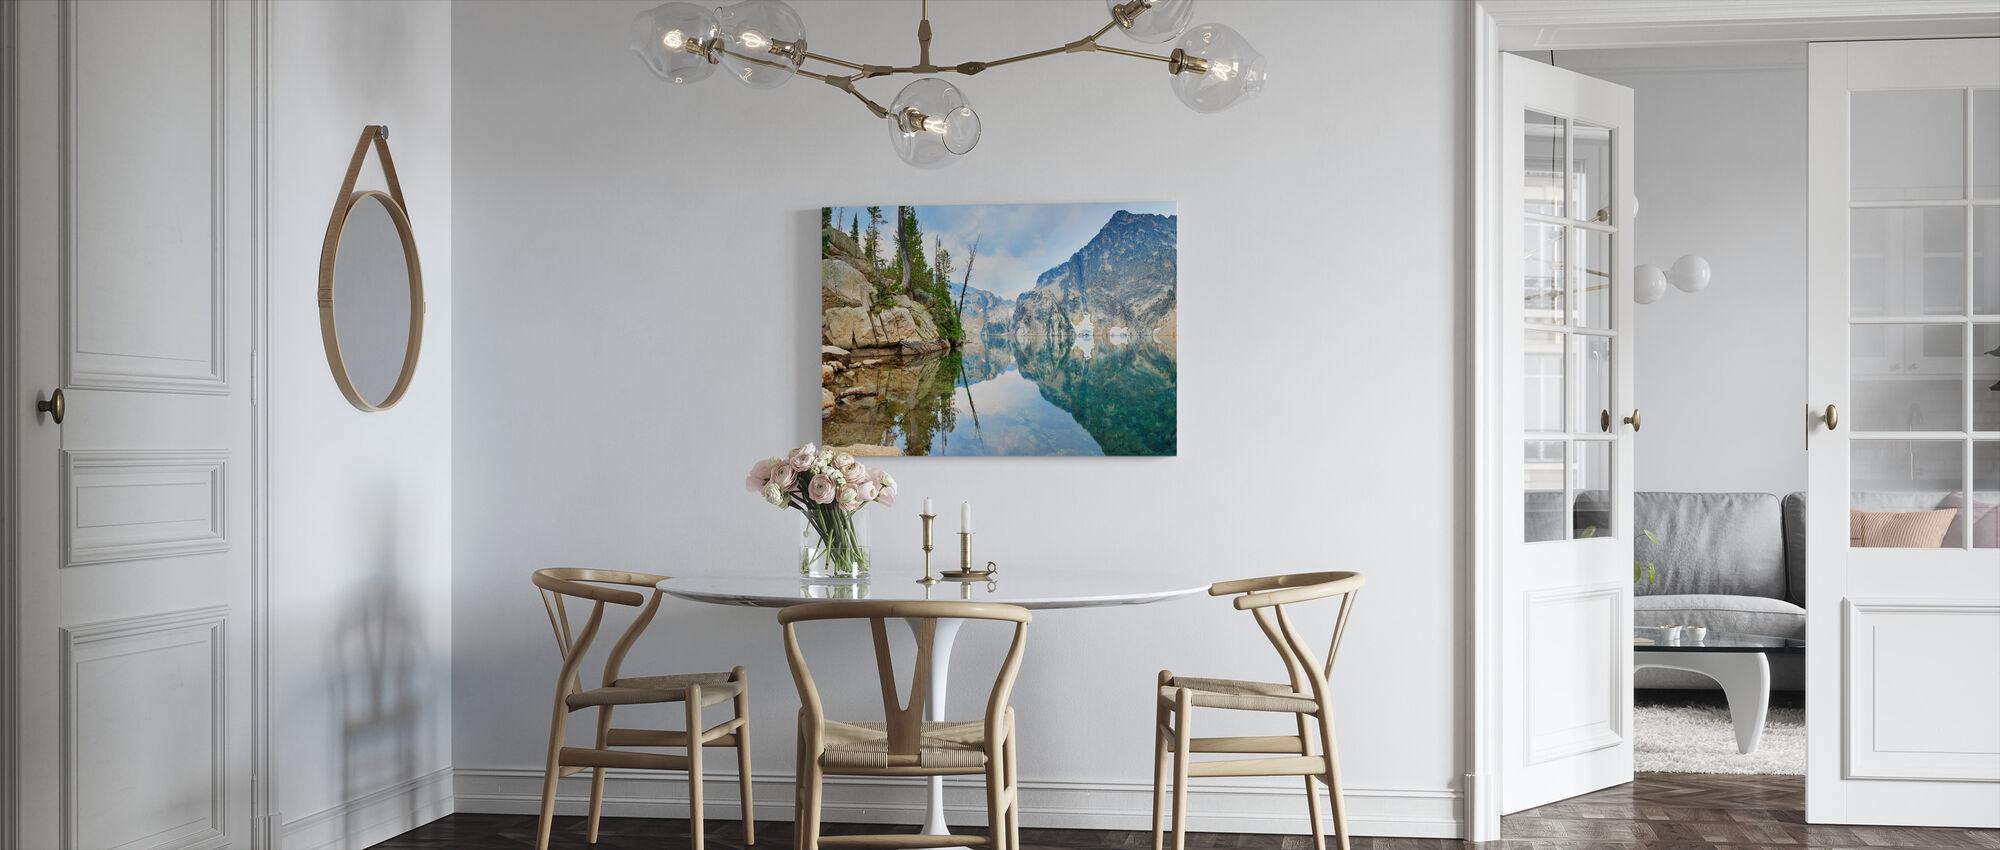 Bergmeer met spiegelreflectie - Canvas print - Keuken